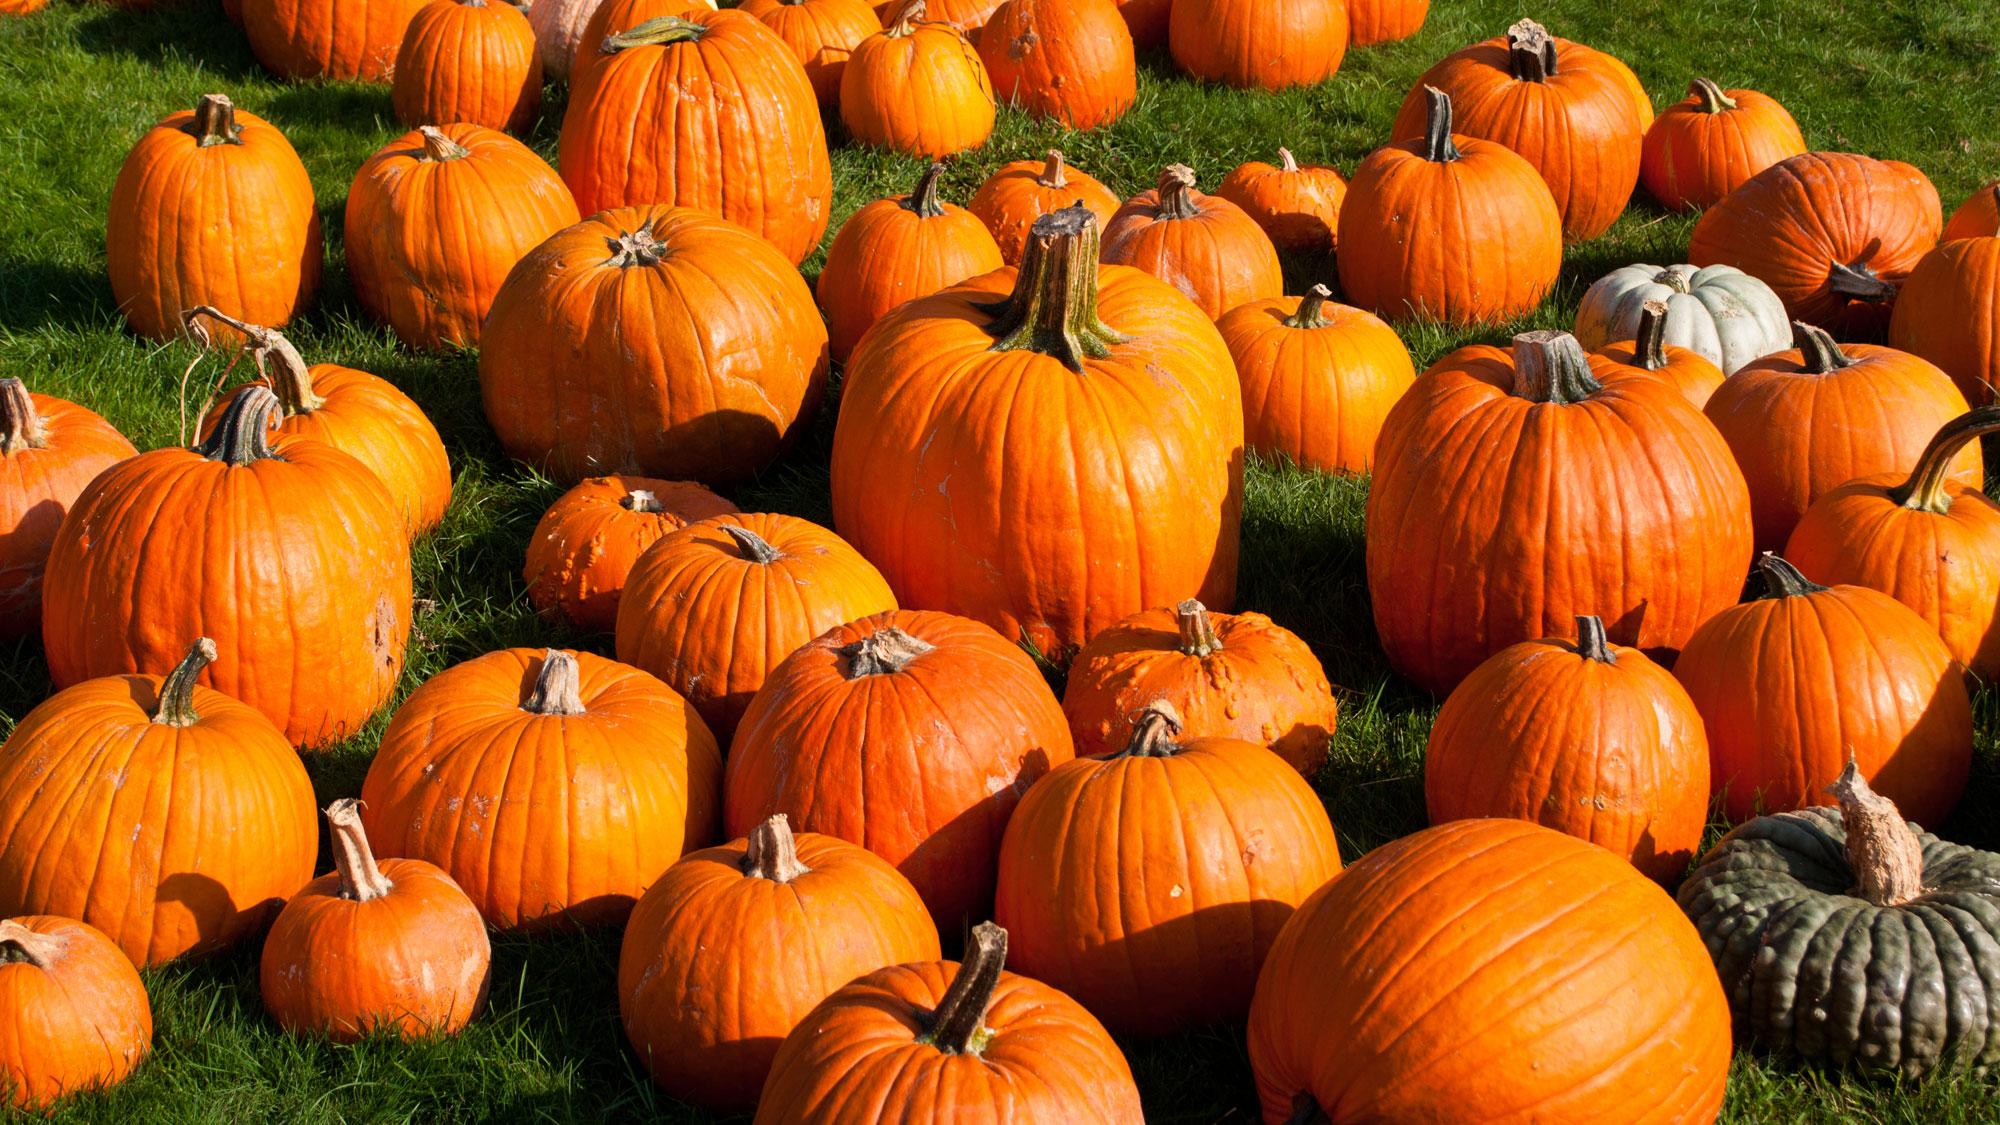 Pumpkins at Reesor's Farm.